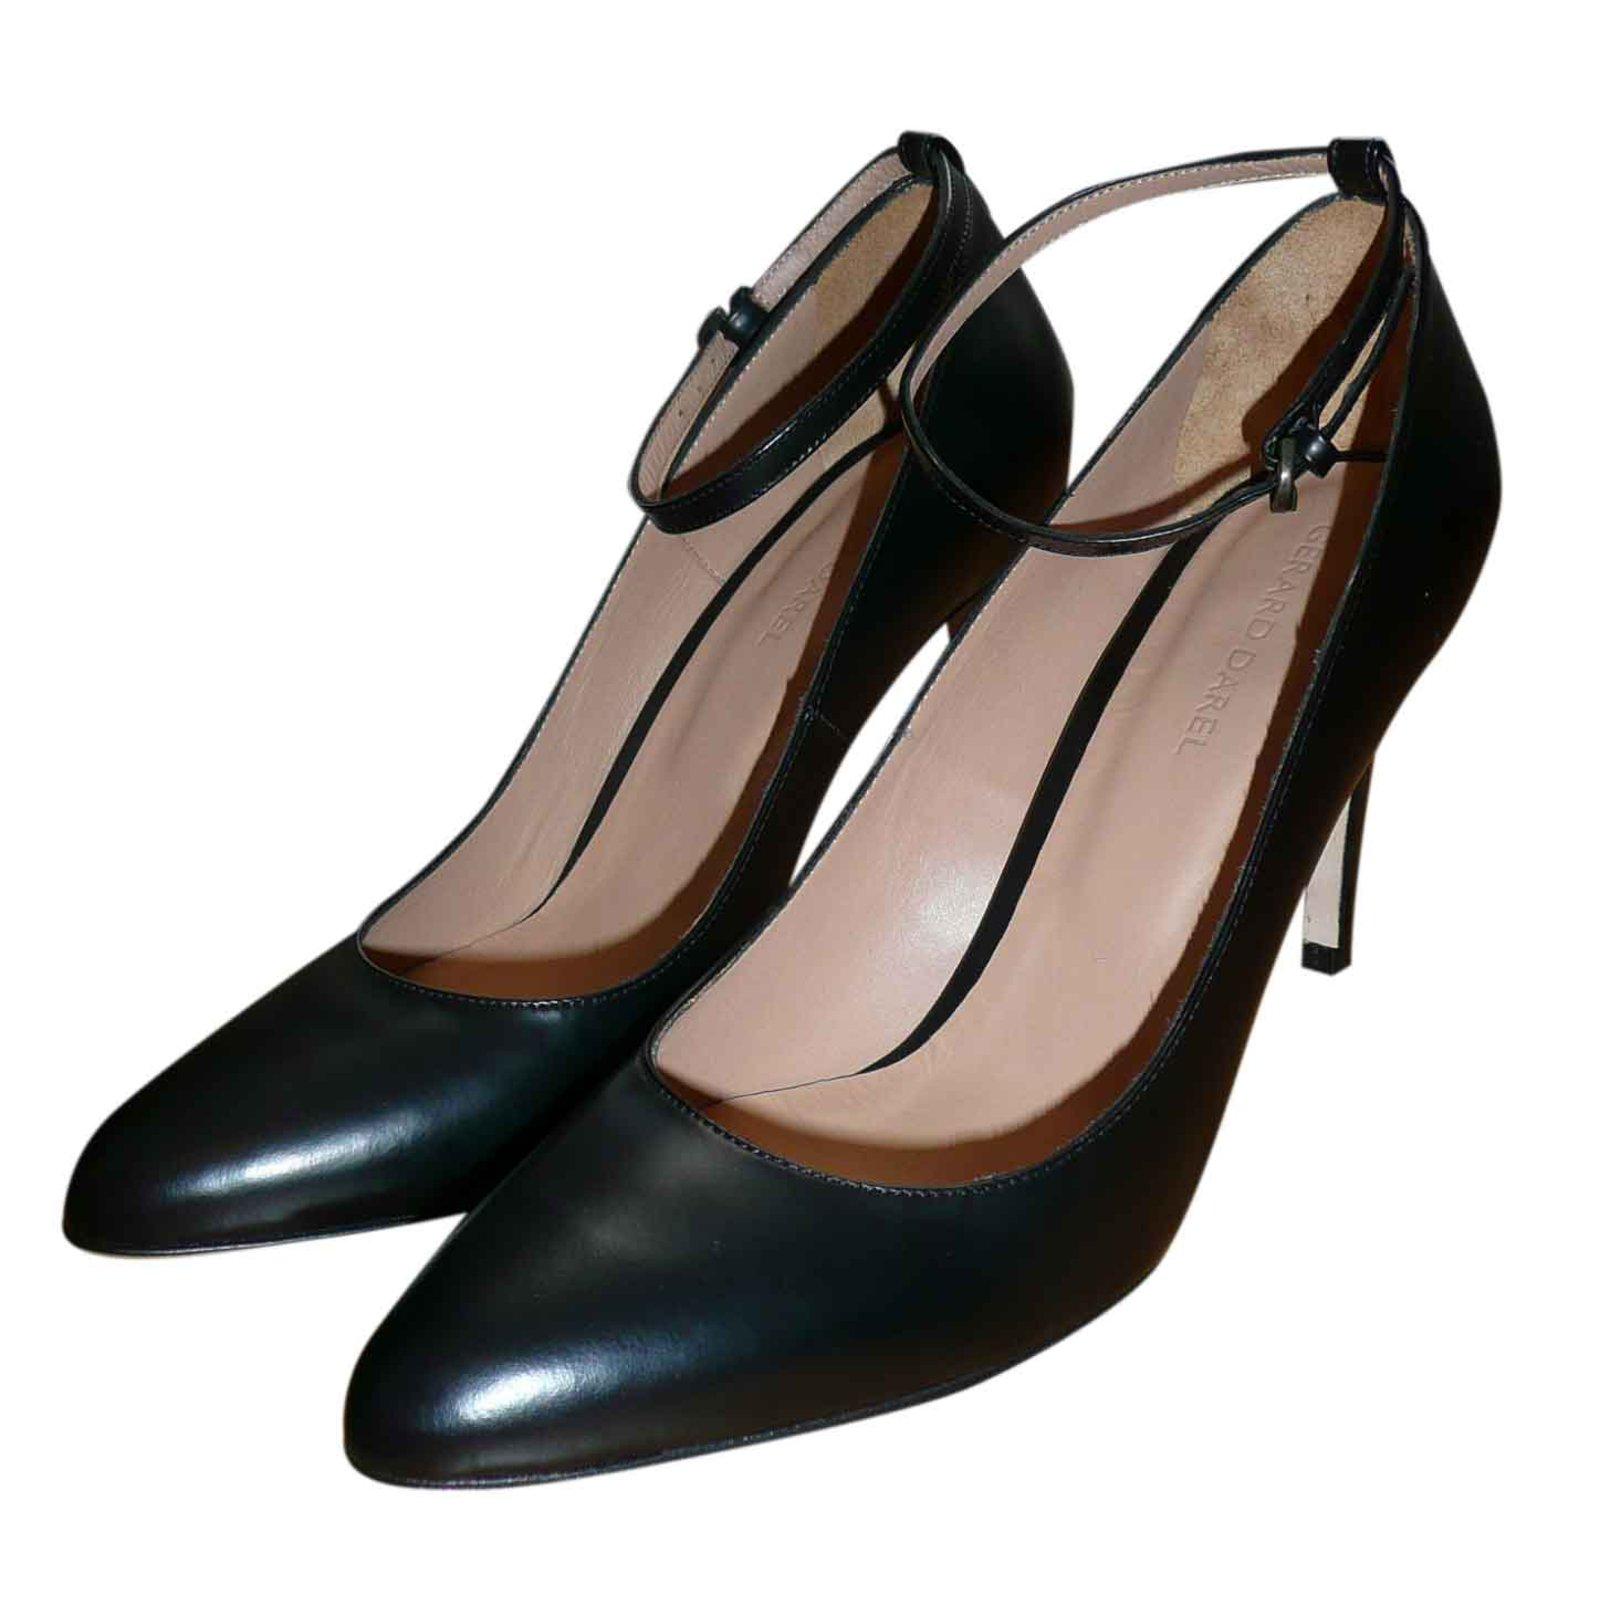 escarpins gerard darel escarpins cuir noir. Black Bedroom Furniture Sets. Home Design Ideas